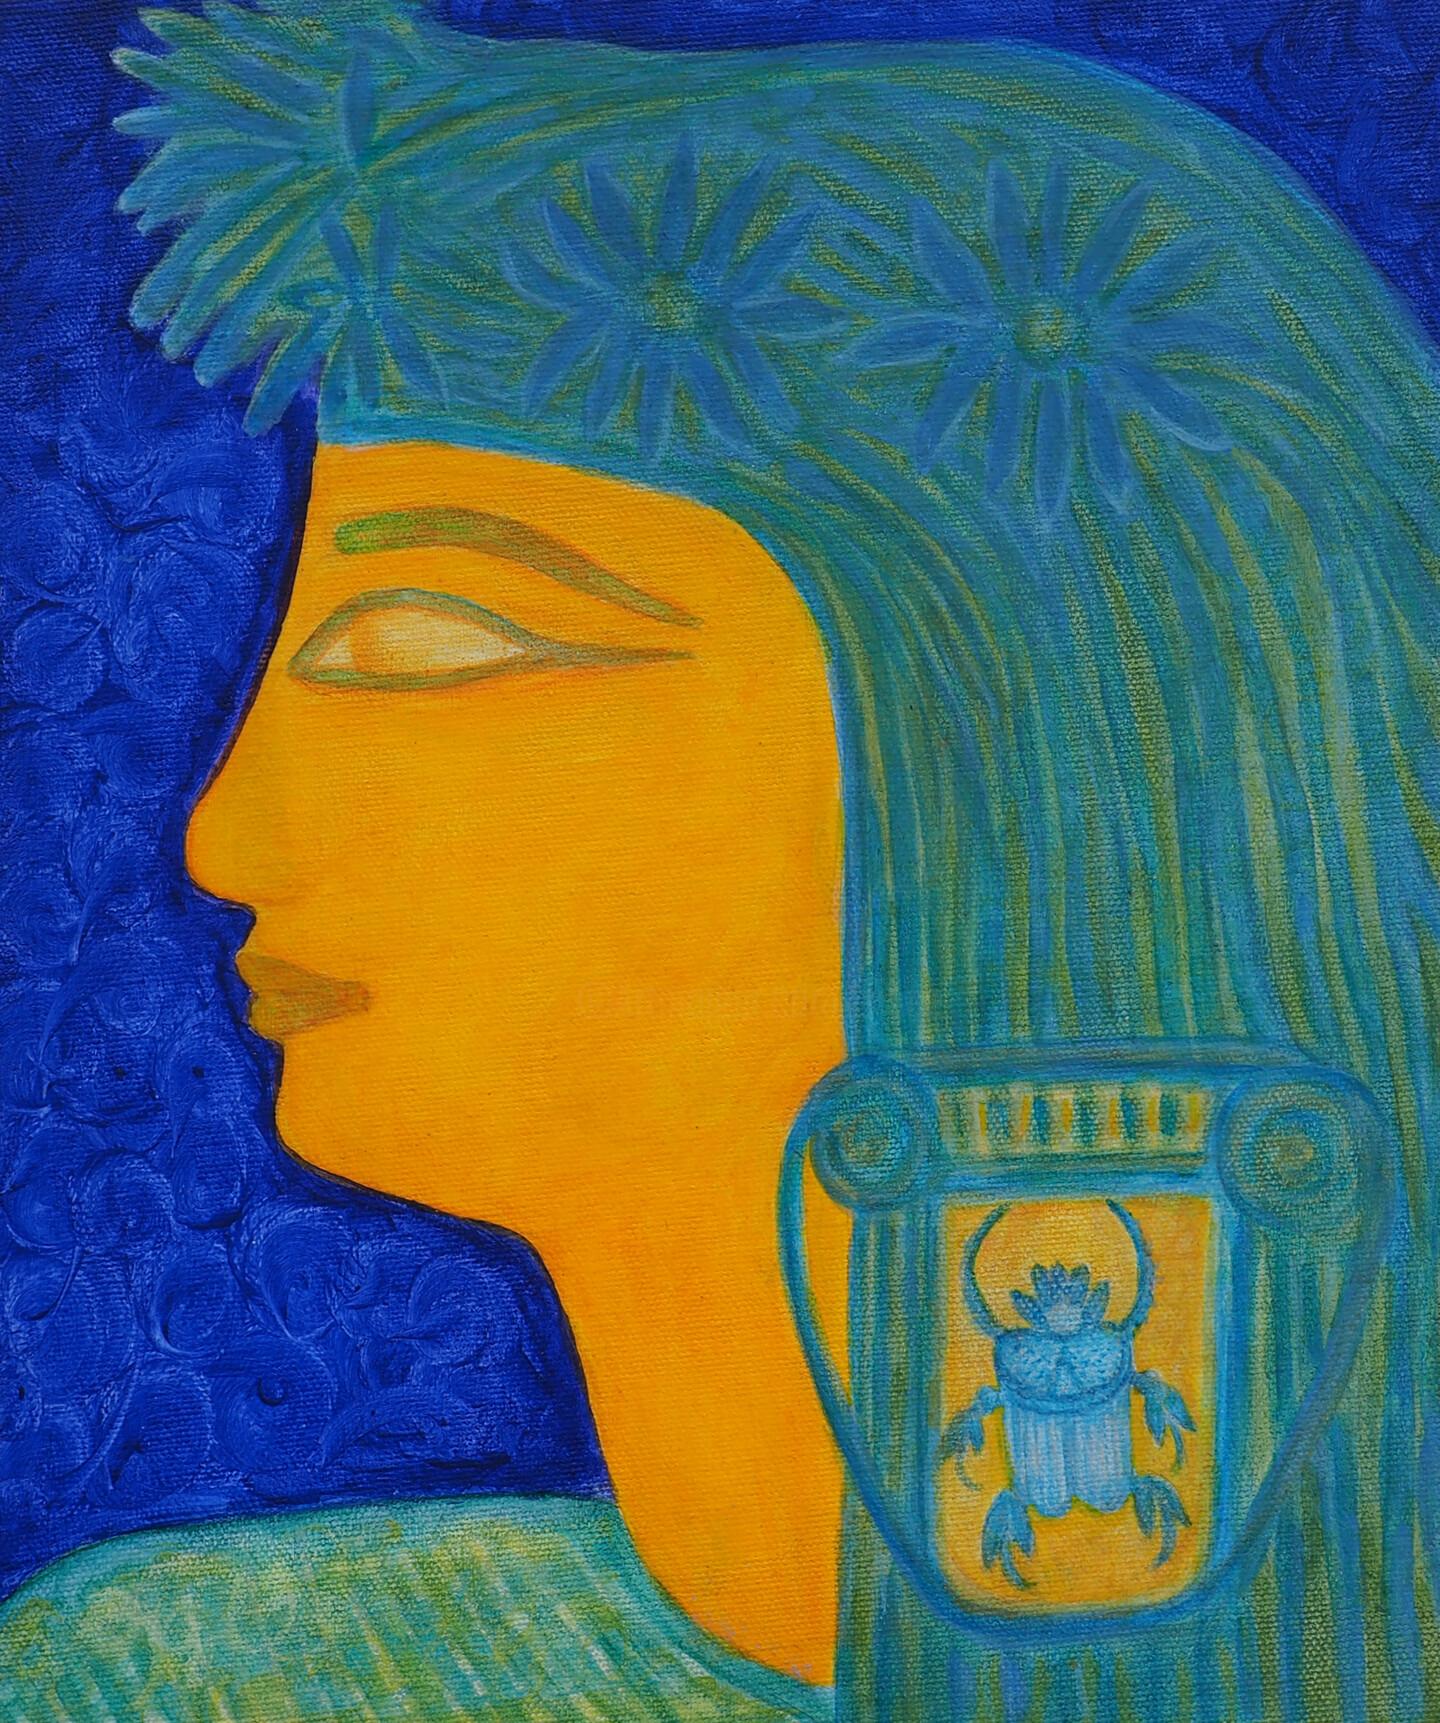 sigrun neumann (sineu) - pharaonische Impressionen -1-6 (No.4)